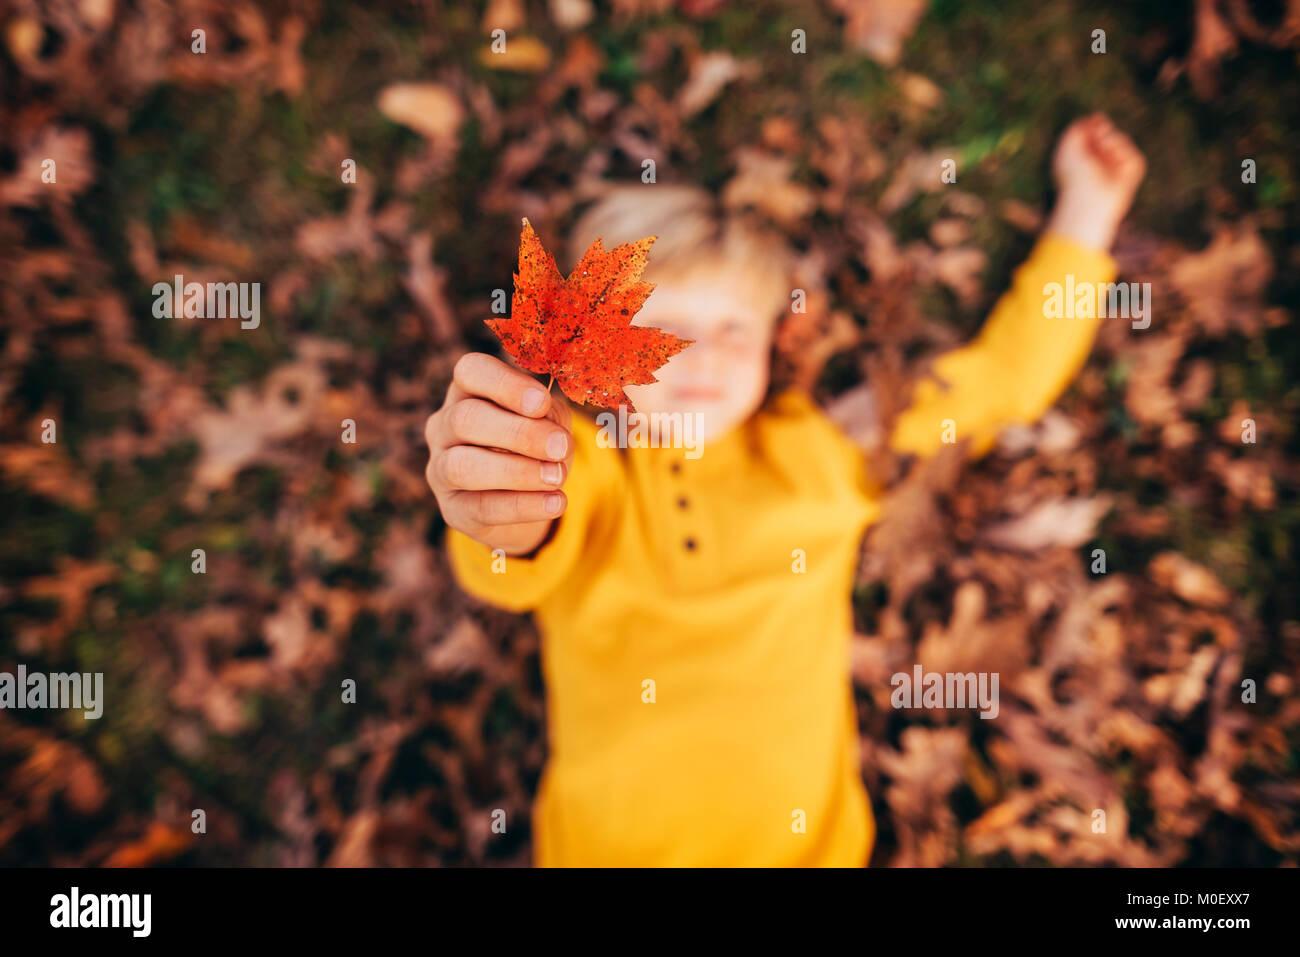 Garçon couché dans les feuilles d'automne holding up a leaf Photo Stock